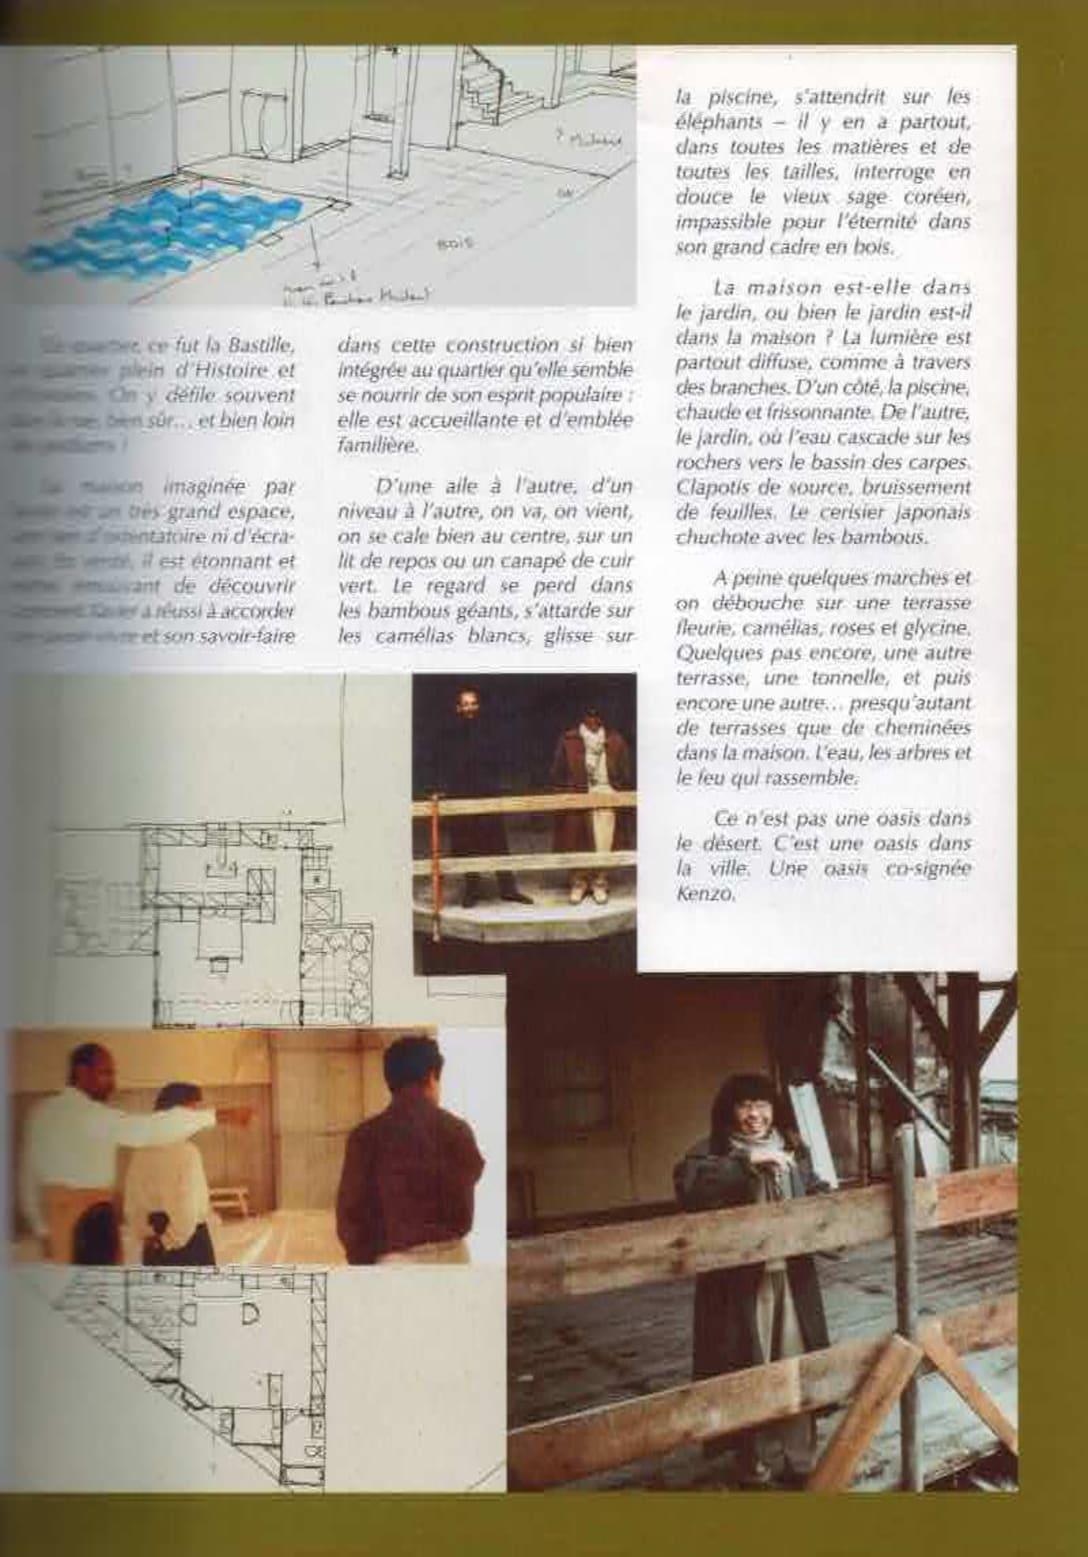 高田賢三の邸宅を紹介する冊子の1ページ。設計図や、グザヴィエの姿も。 Image by Aguttes